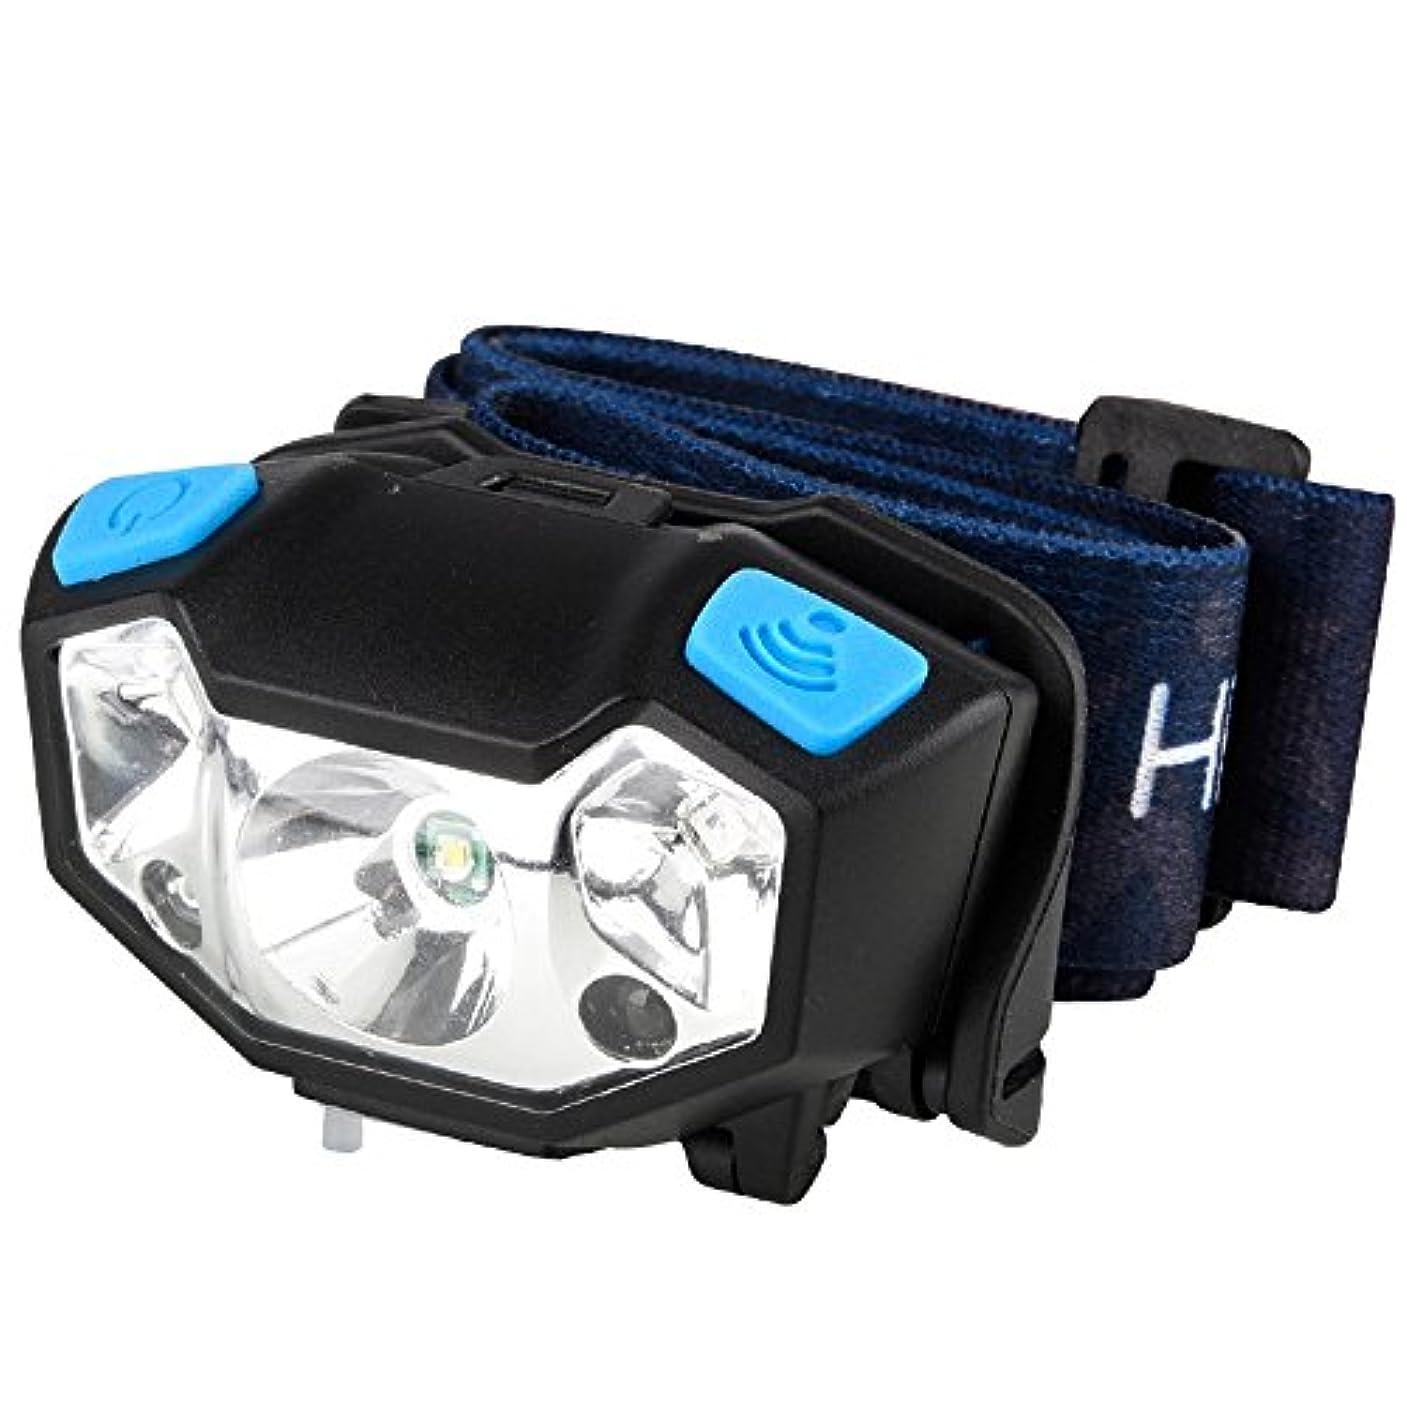 裏切る溶融良性MUTANG アウトドアLED誘導ヘッドライトキャンプ乗馬ウォーキング釣り範囲ヘッドマウント懐中電灯ライト調節可能なUSBスマートファーストチャージヘッドランプ